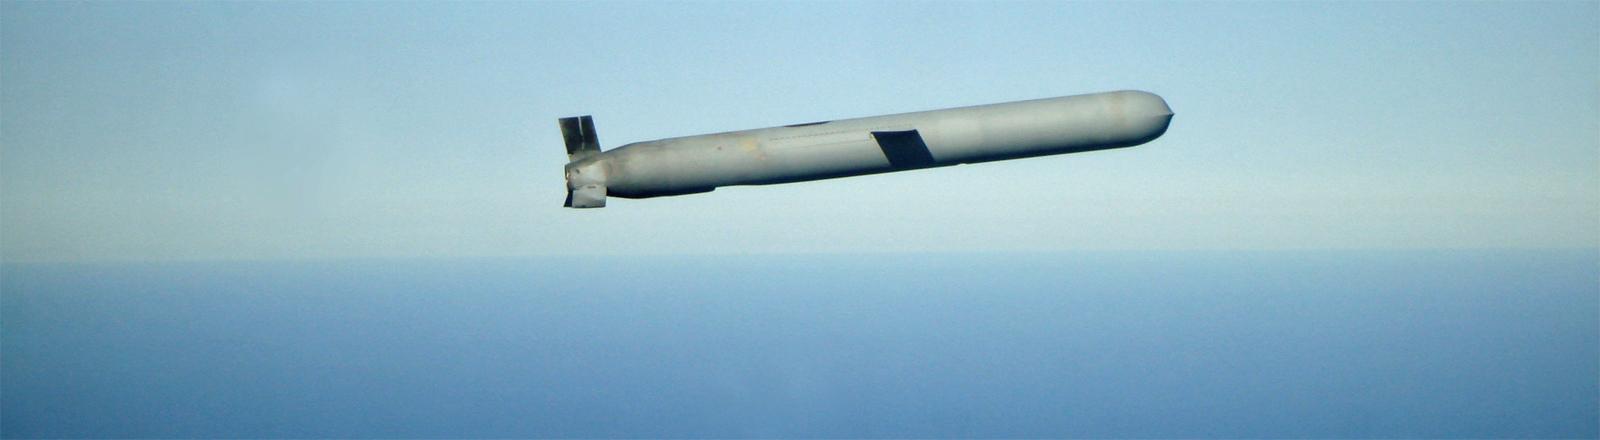 Marschflugkörper vom Typ Tomahawk